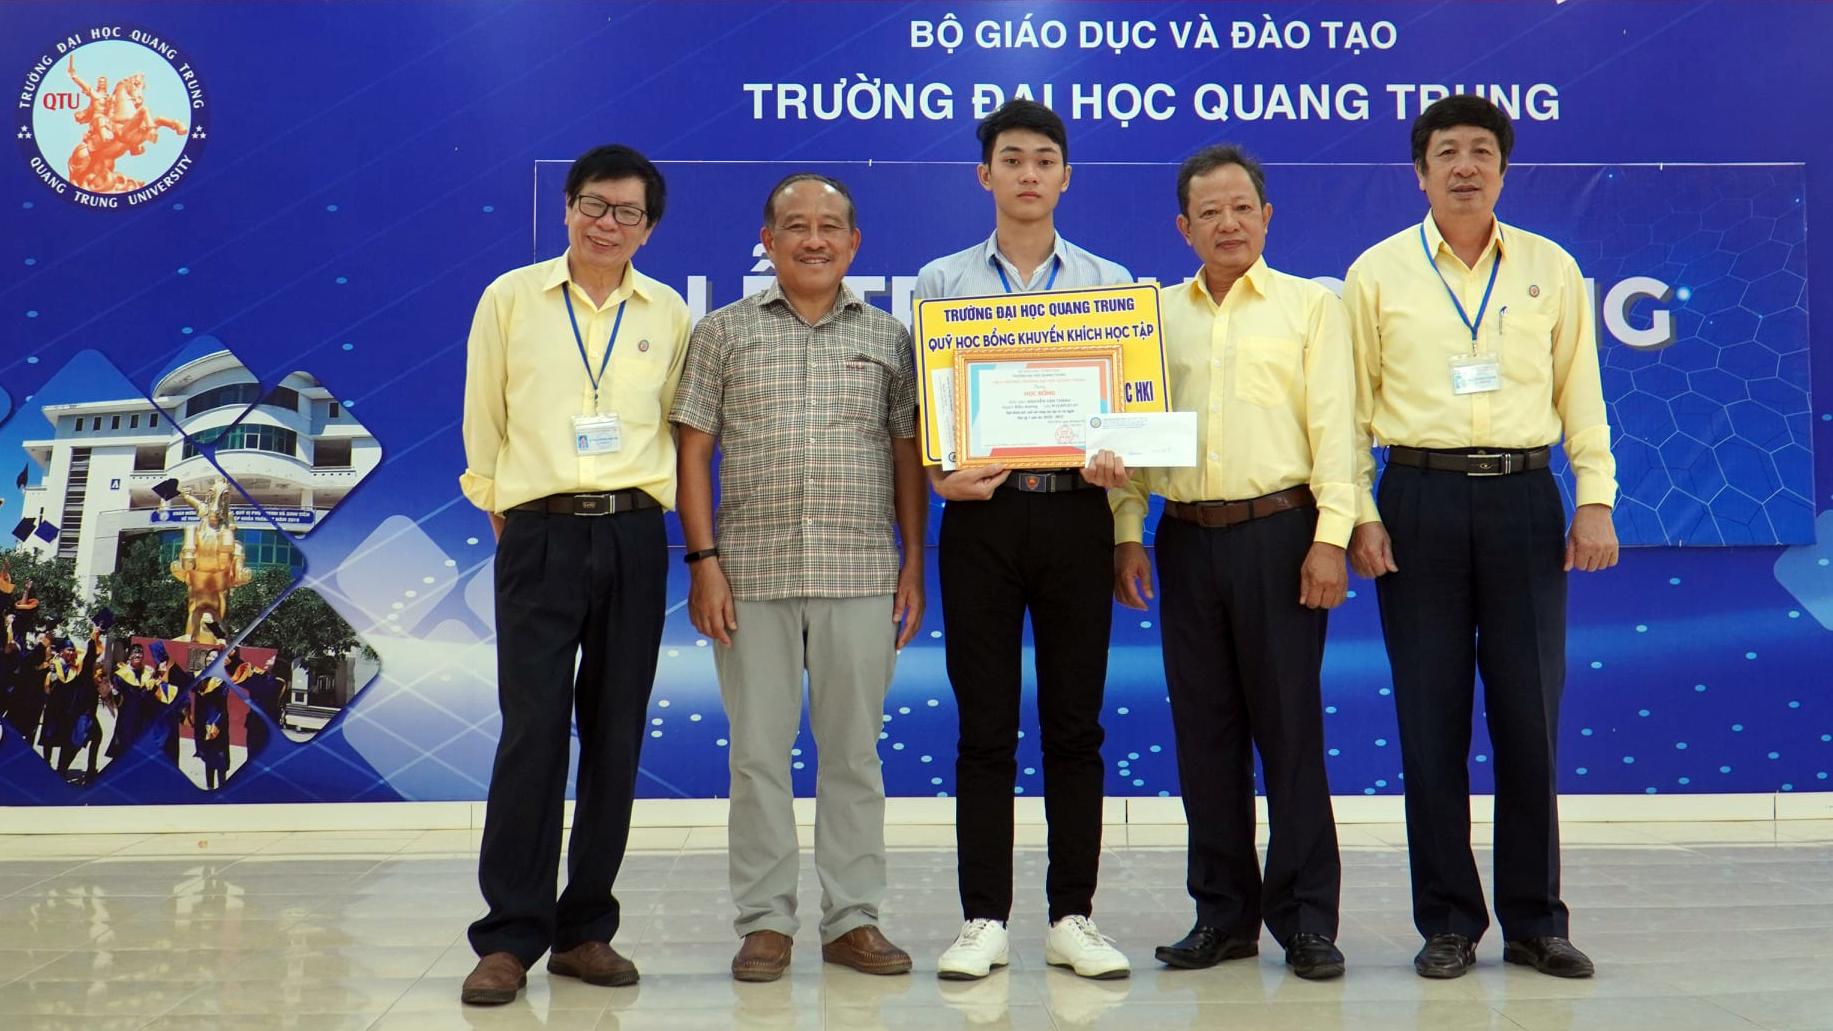 """""""Tự hào khi là sinh viên trường Đại học Quang Trung"""""""